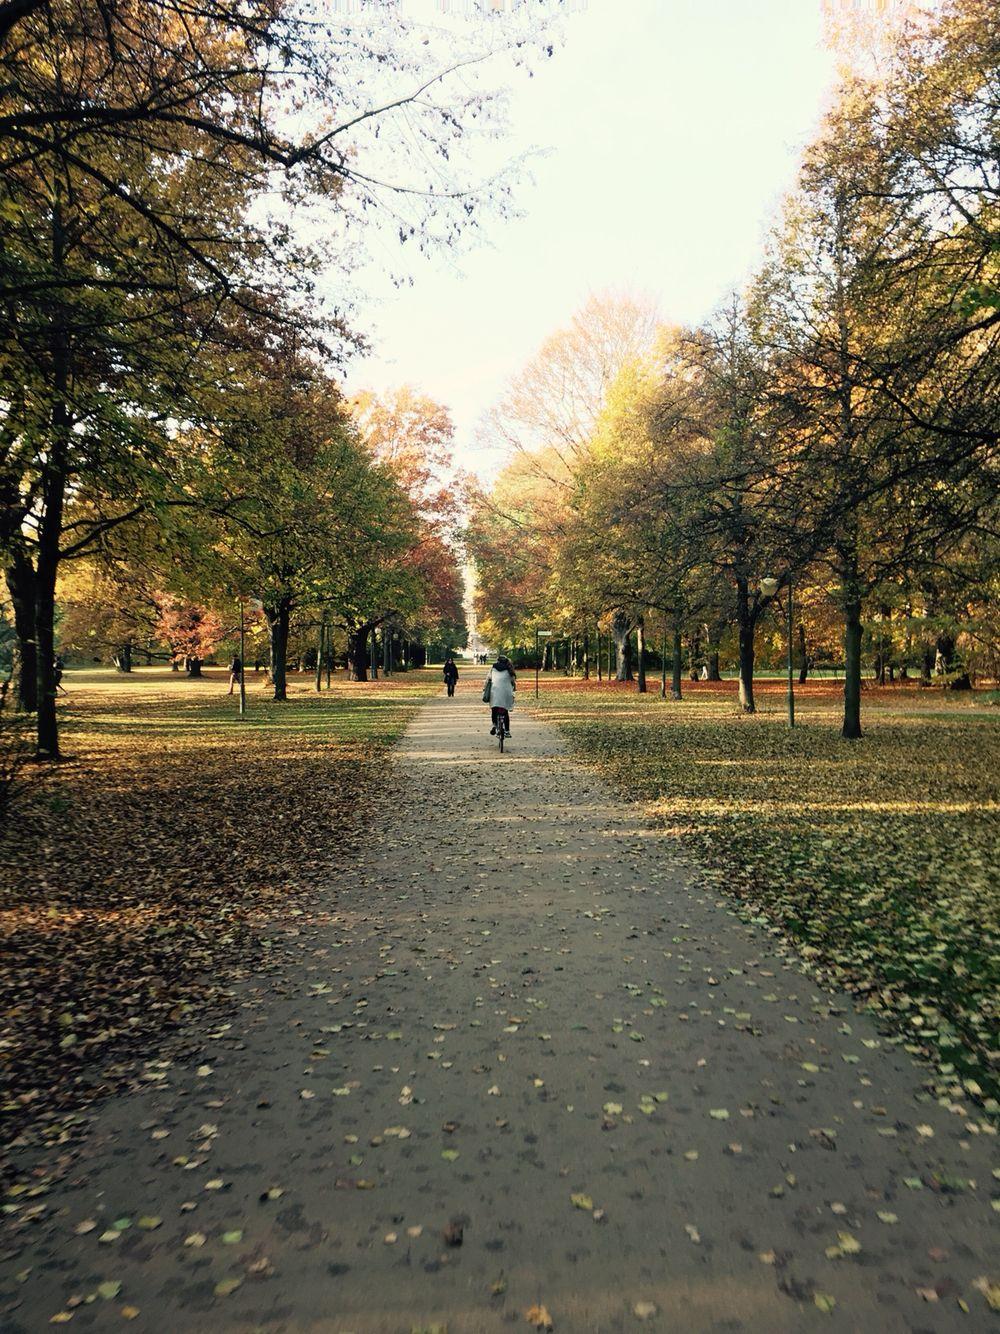 Fietsen door het park in Berlijn. Zo fantastisch mooi in de herfst